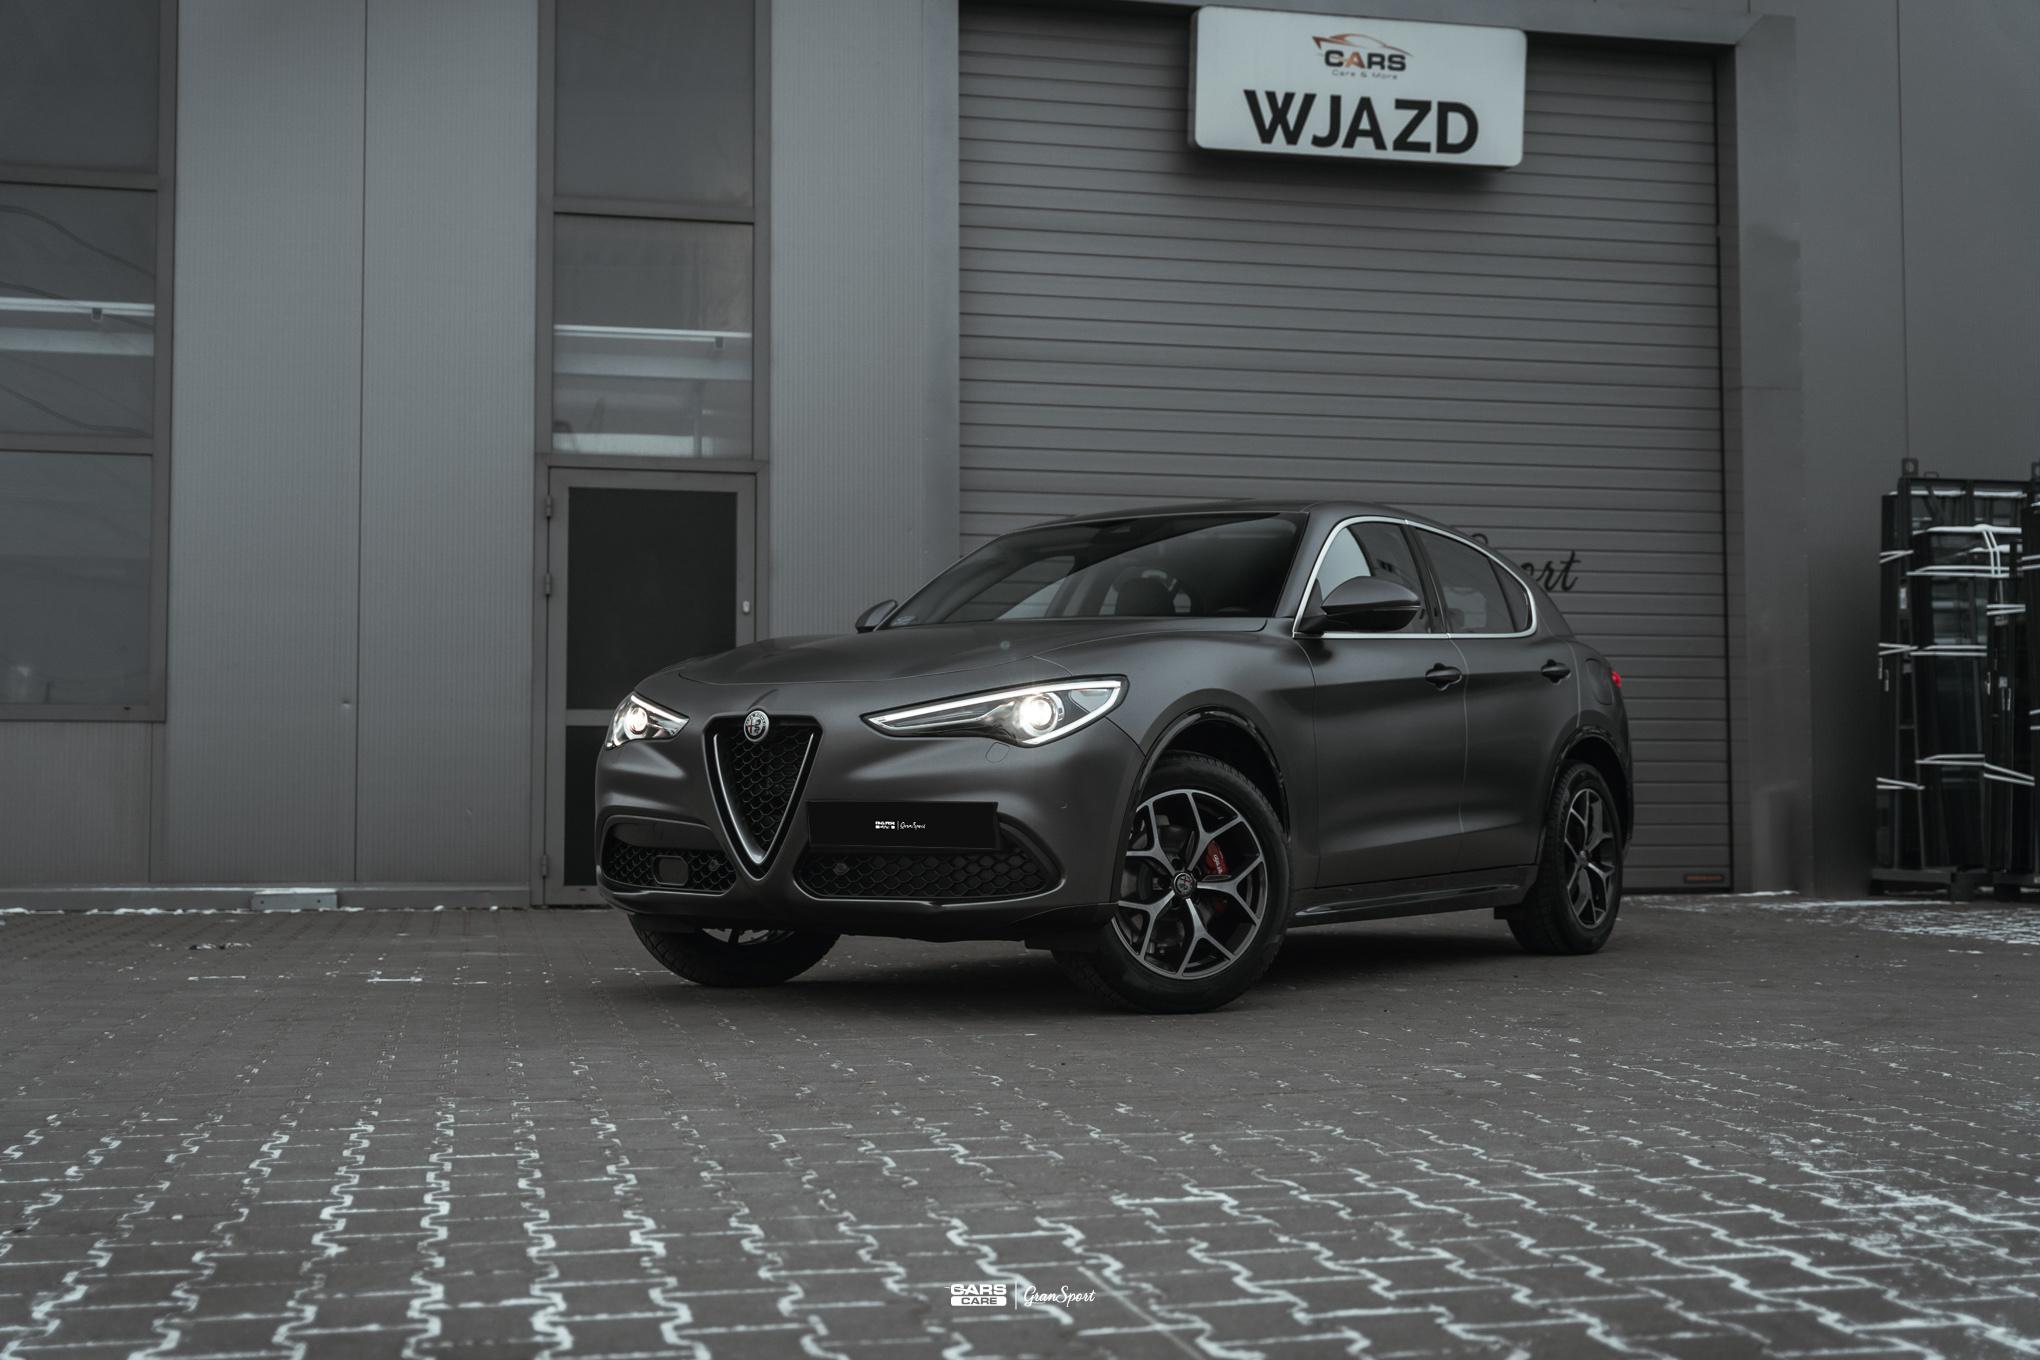 Alfa Romeo Stelvio - Zmiana koloru auta folią - carscare.pl